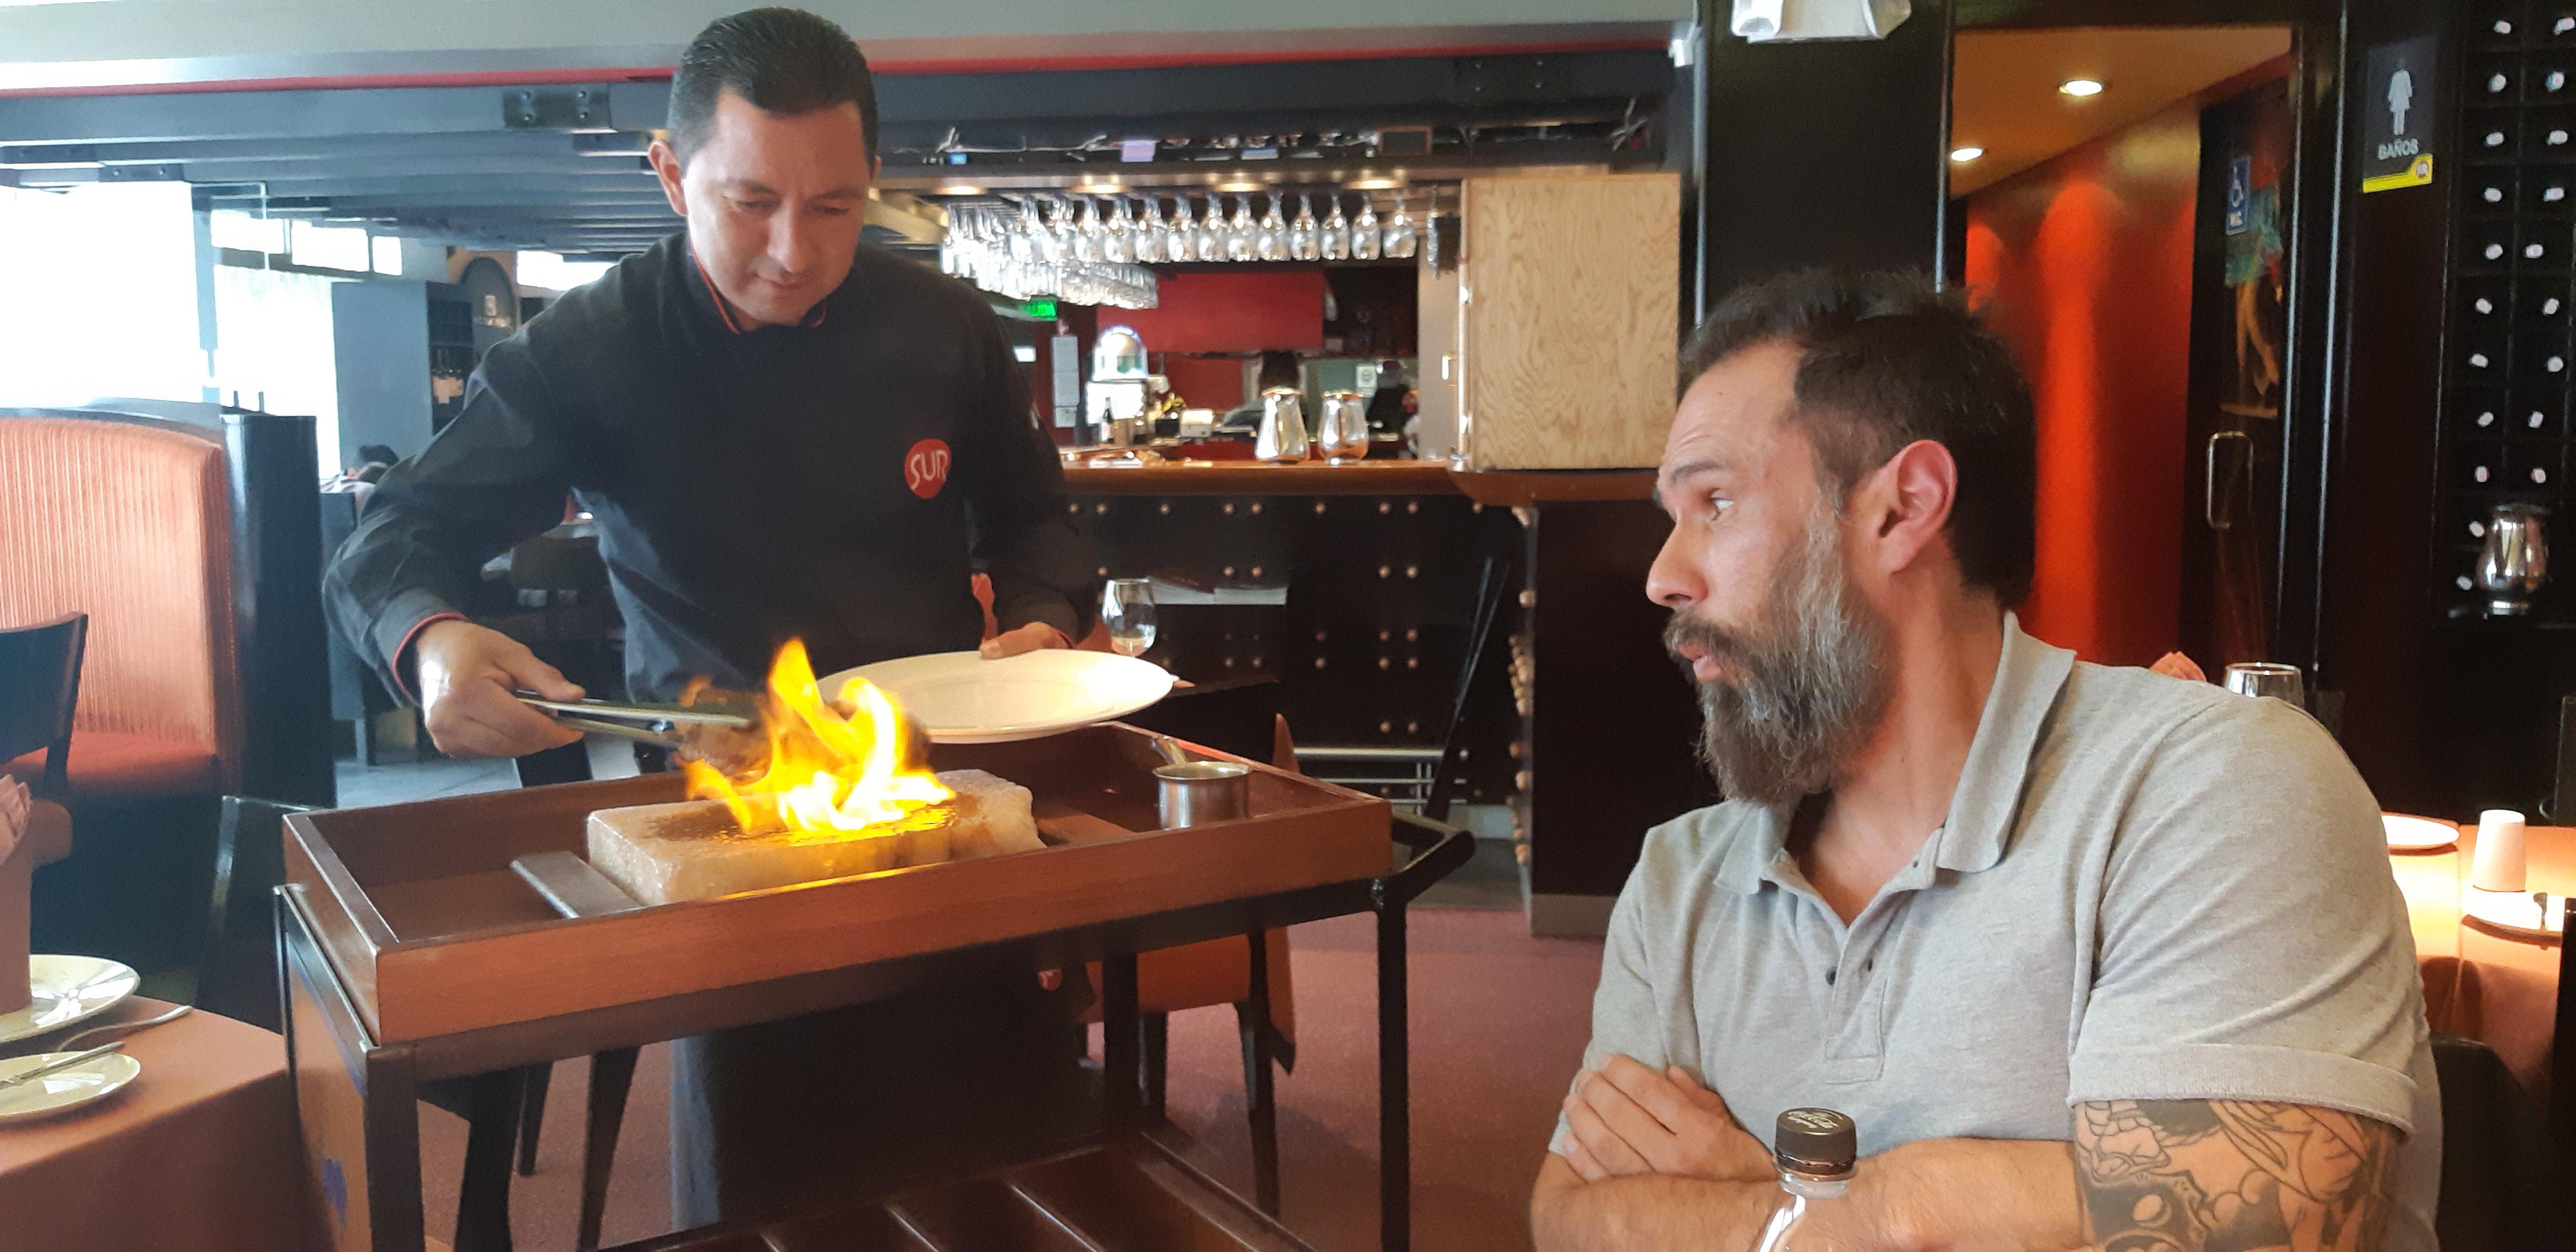 Deliciosa comida en Quito antes de otra entrevista en medios de comunicación.